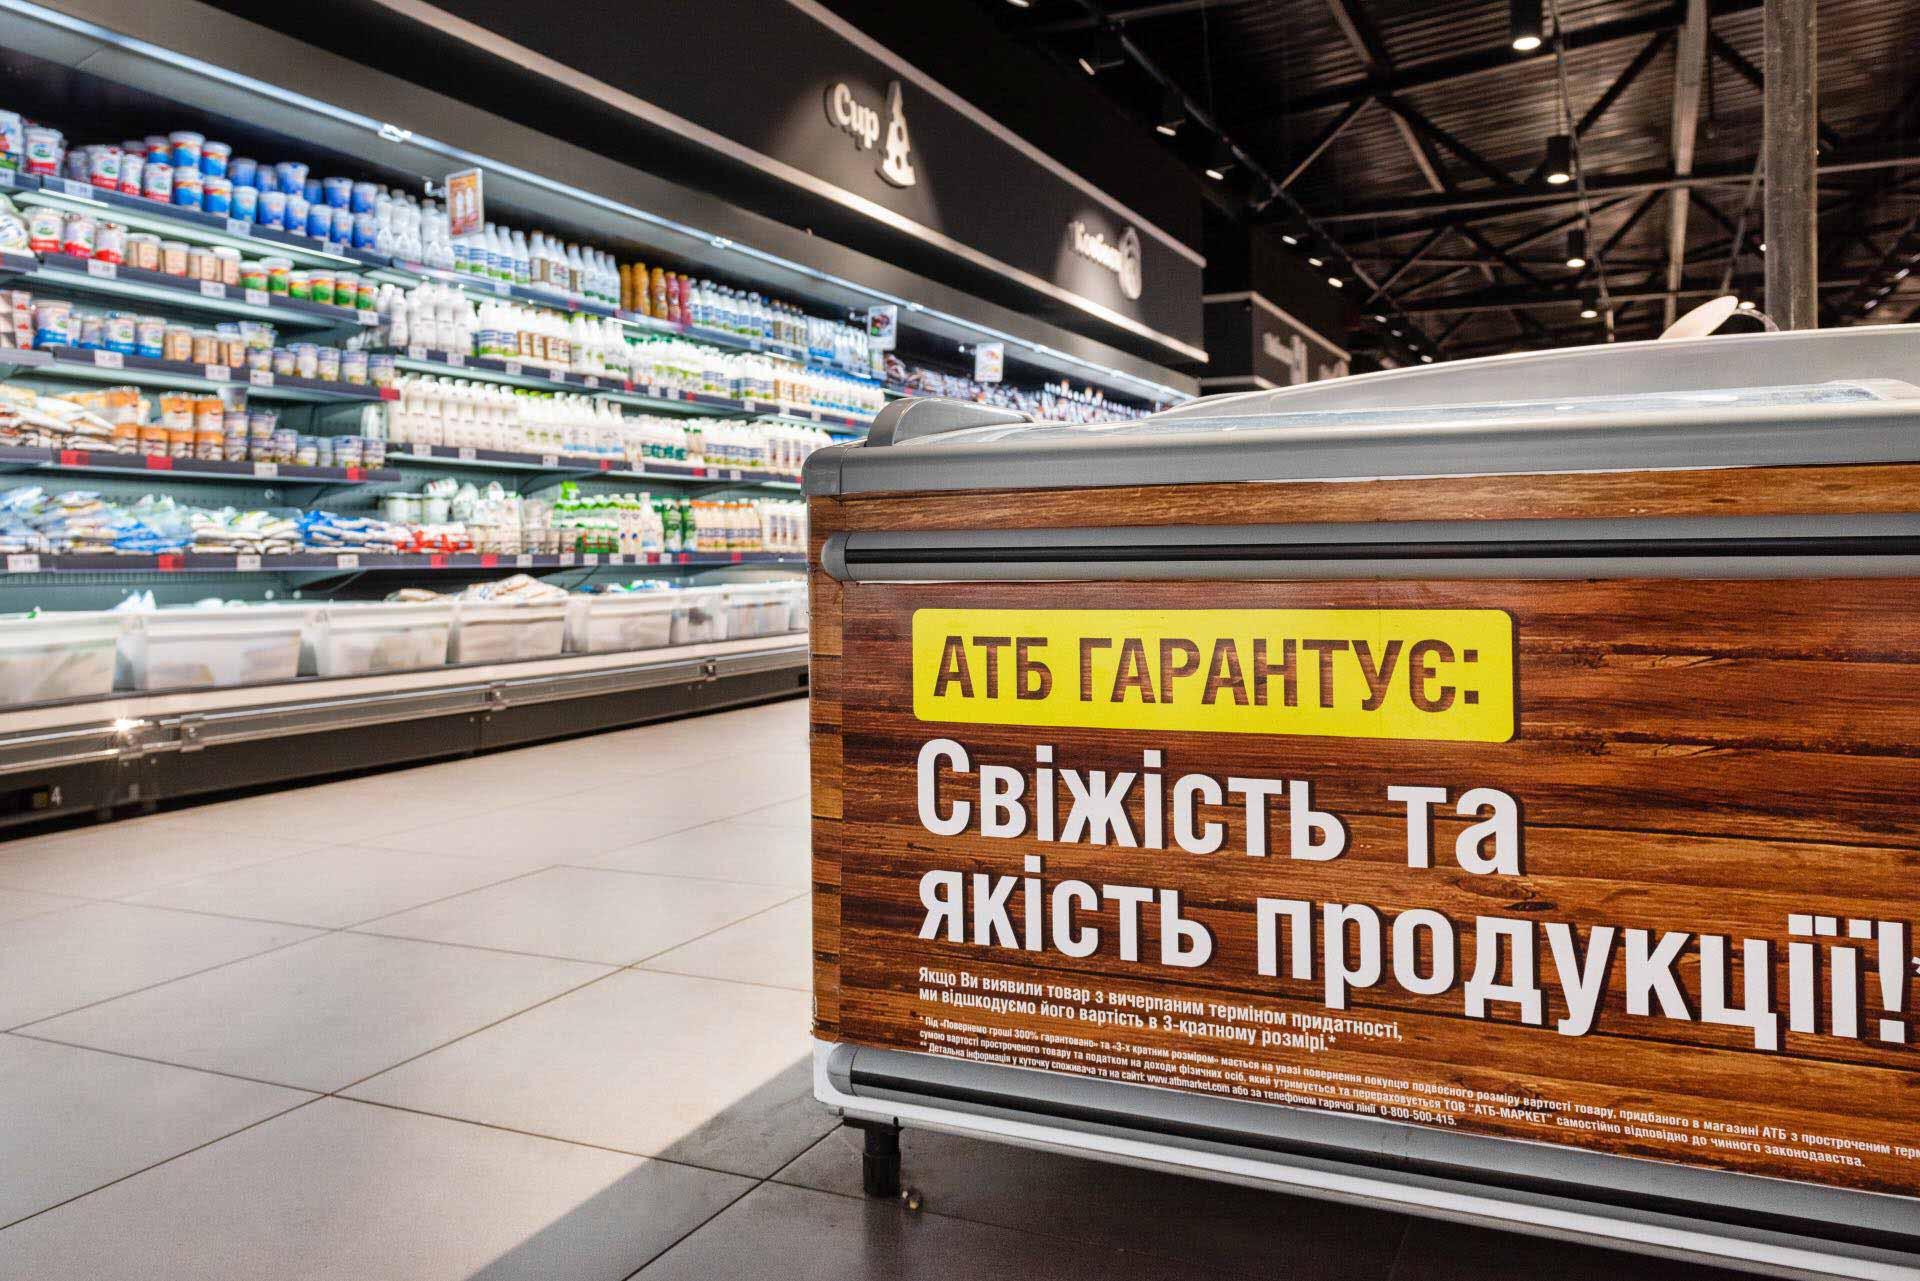 Як на поличках супермаркетів «АТБ» Івано-Франківська з'являються гарантовано свіжі продукти